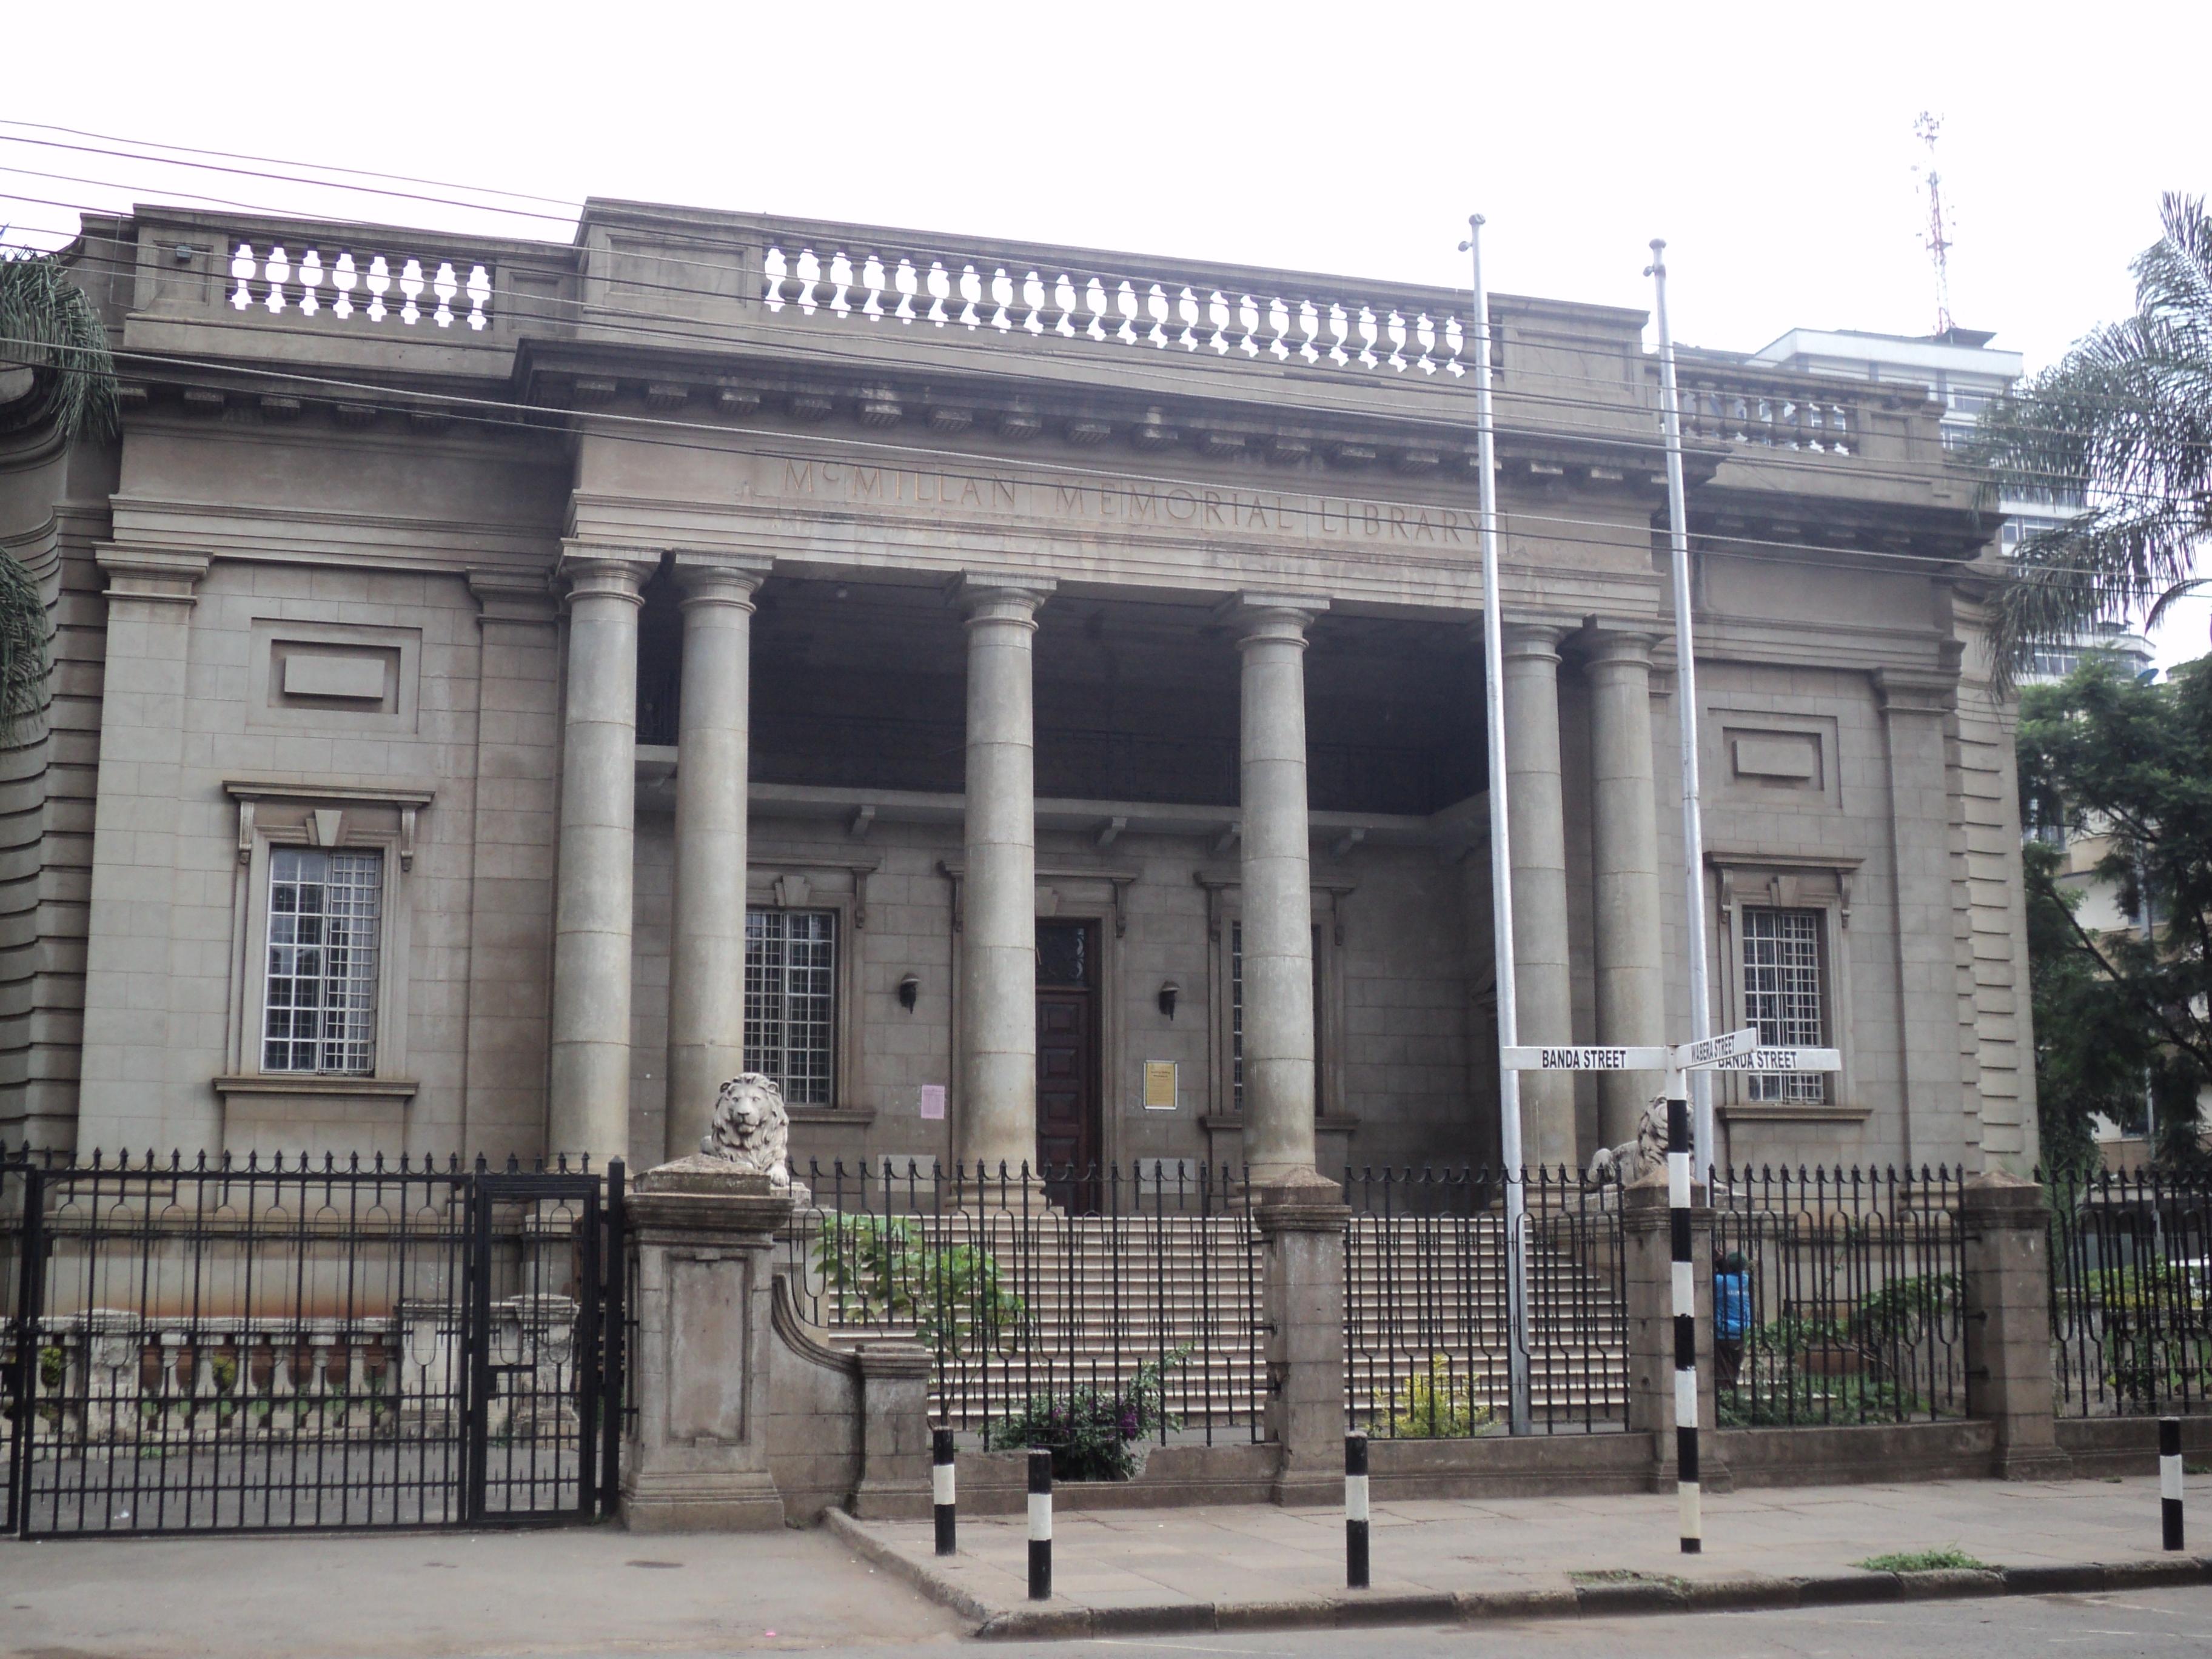 McMillan Memorial Library in Nairobi, Kenya